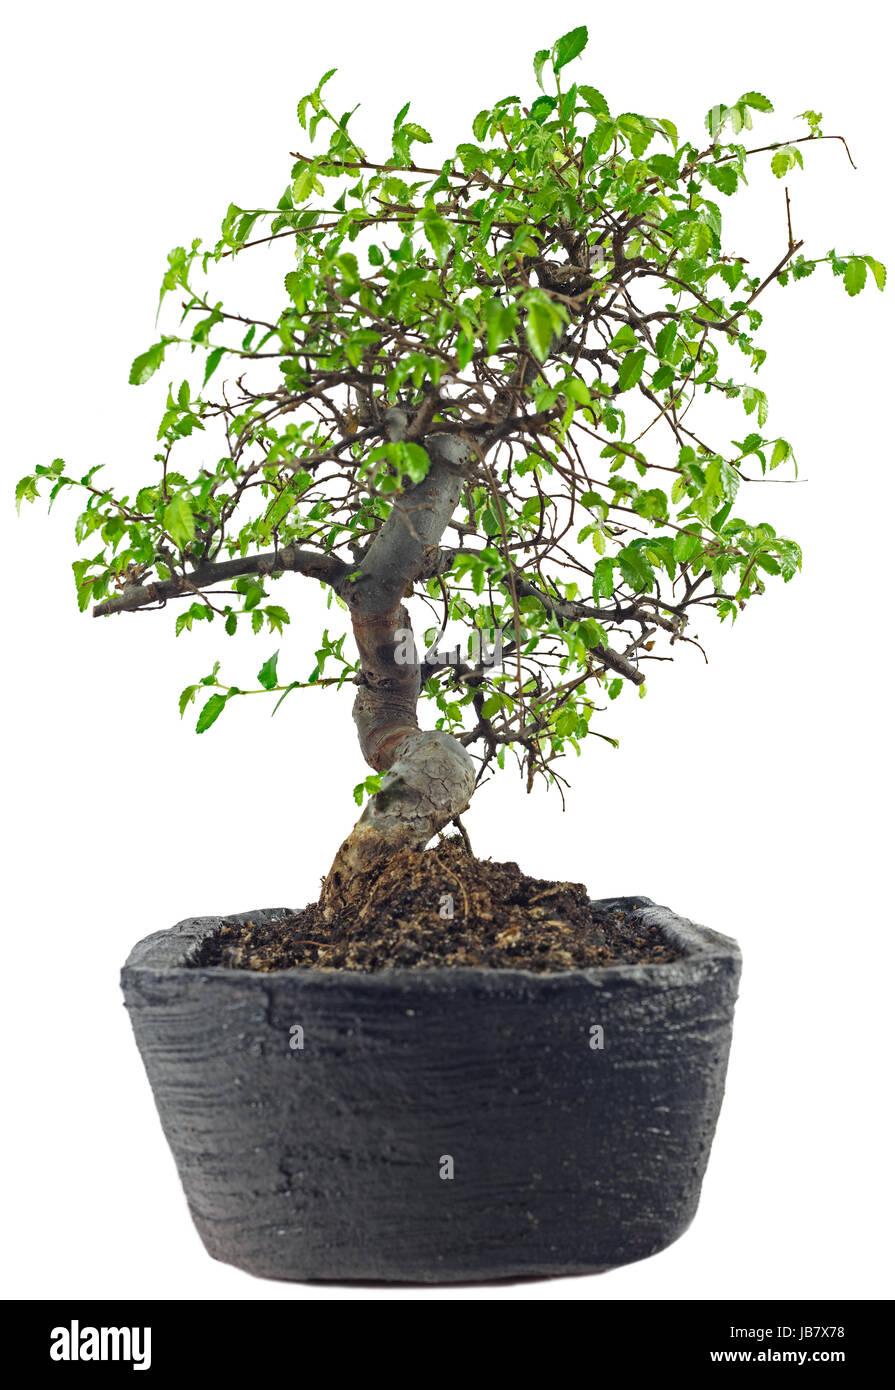 bonsai schale stock photos bonsai schale stock images. Black Bedroom Furniture Sets. Home Design Ideas